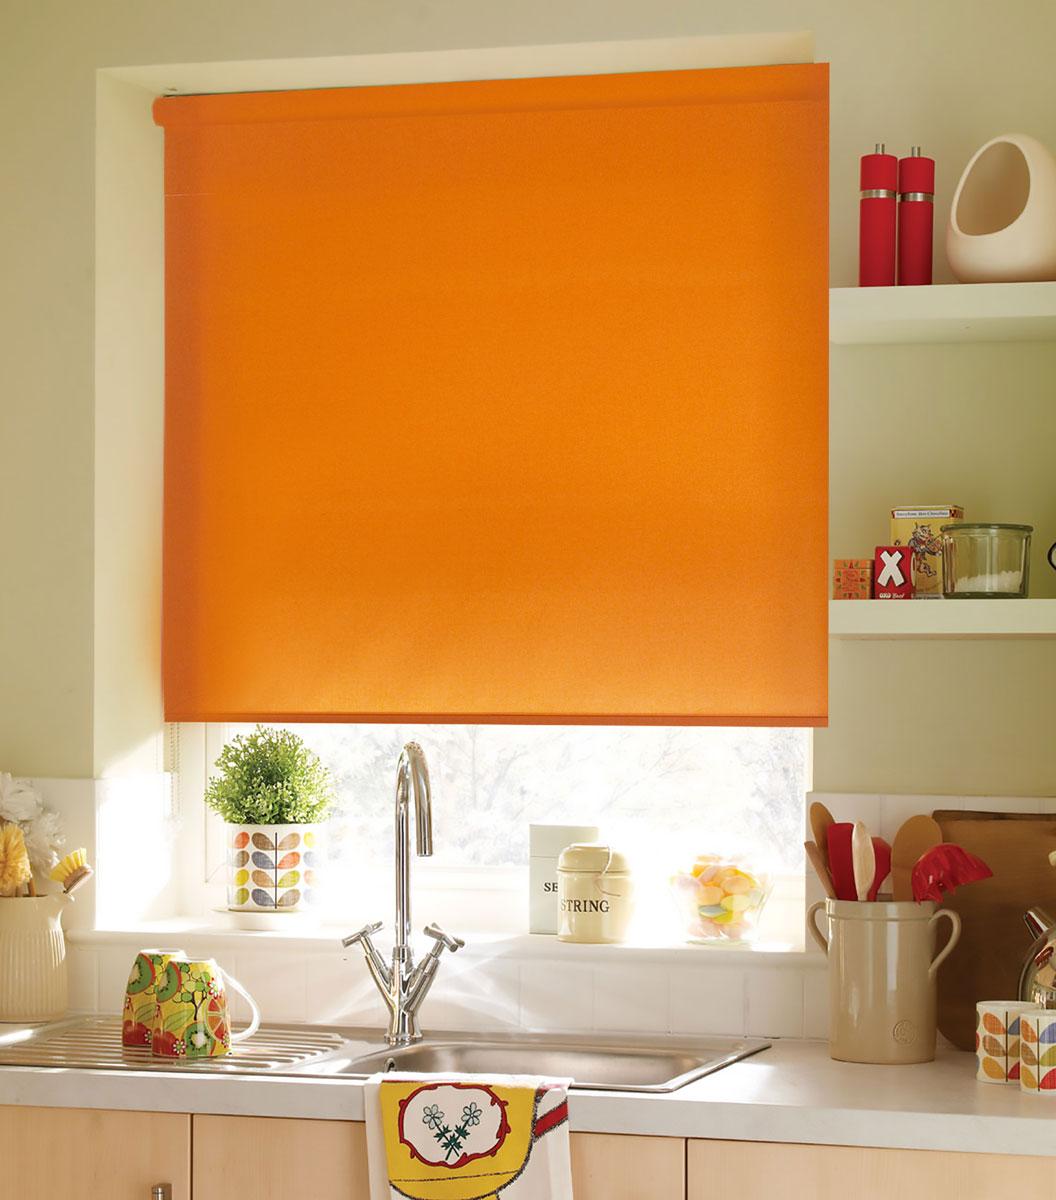 Миниролло KauffOrt 37х170 см, цвет: оранжевый3037203Рулонная штора Миниролло выполнена из высокопрочной ткани оранжевого цвета, которая сохраняет свой размер даже при намокании. Ткань не выцветает и обладает отличной цветоустойчивостью. Миниролло - это подвид рулонных штор, который закрывает не весь оконный проем, а непосредственно само стекло. Такие шторы крепятся на раму без сверления при помощи зажимов или клейкой двухсторонней ленты. Окно остаётся на гарантии, благодаря монтажу без сверления. Такая штора станет прекрасным элементом декора окна и гармонично впишется в интерьер любого помещения.